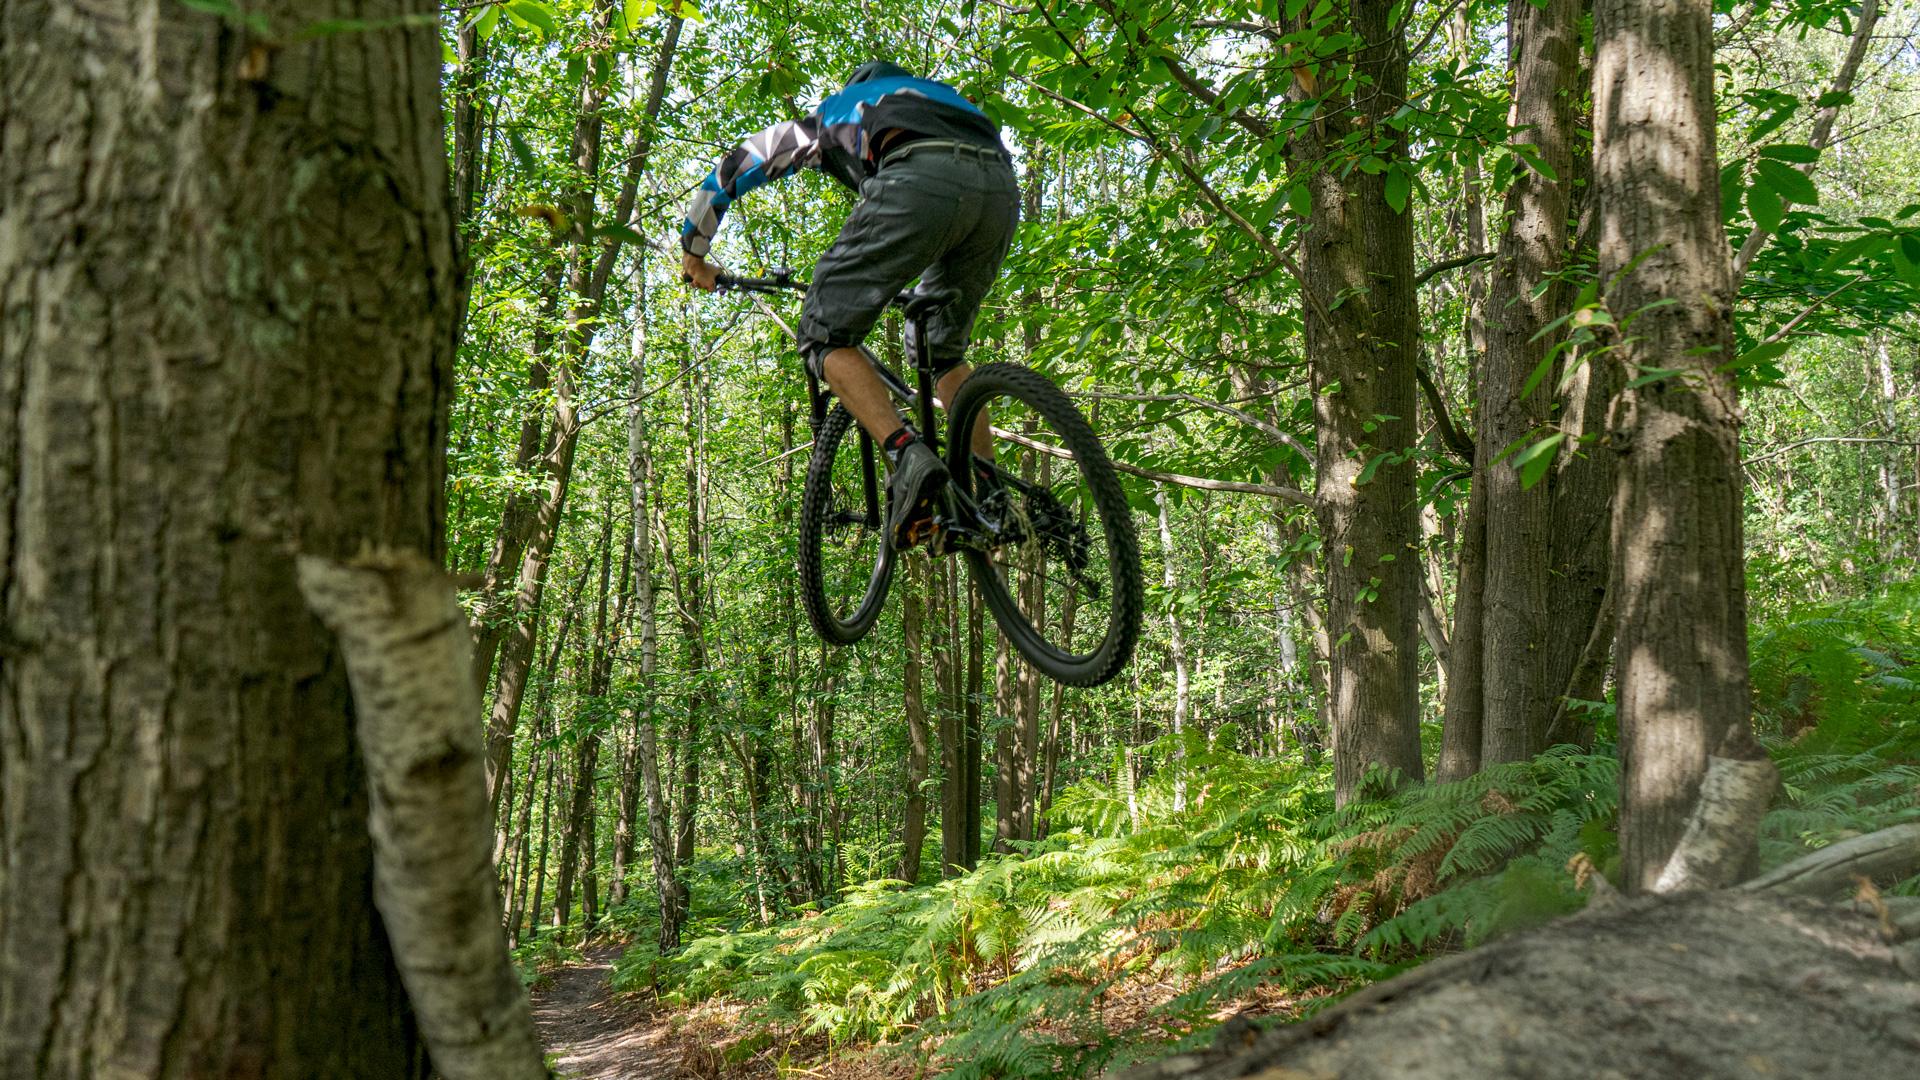 Cannondale Habit 6 riding jump vue de derrière